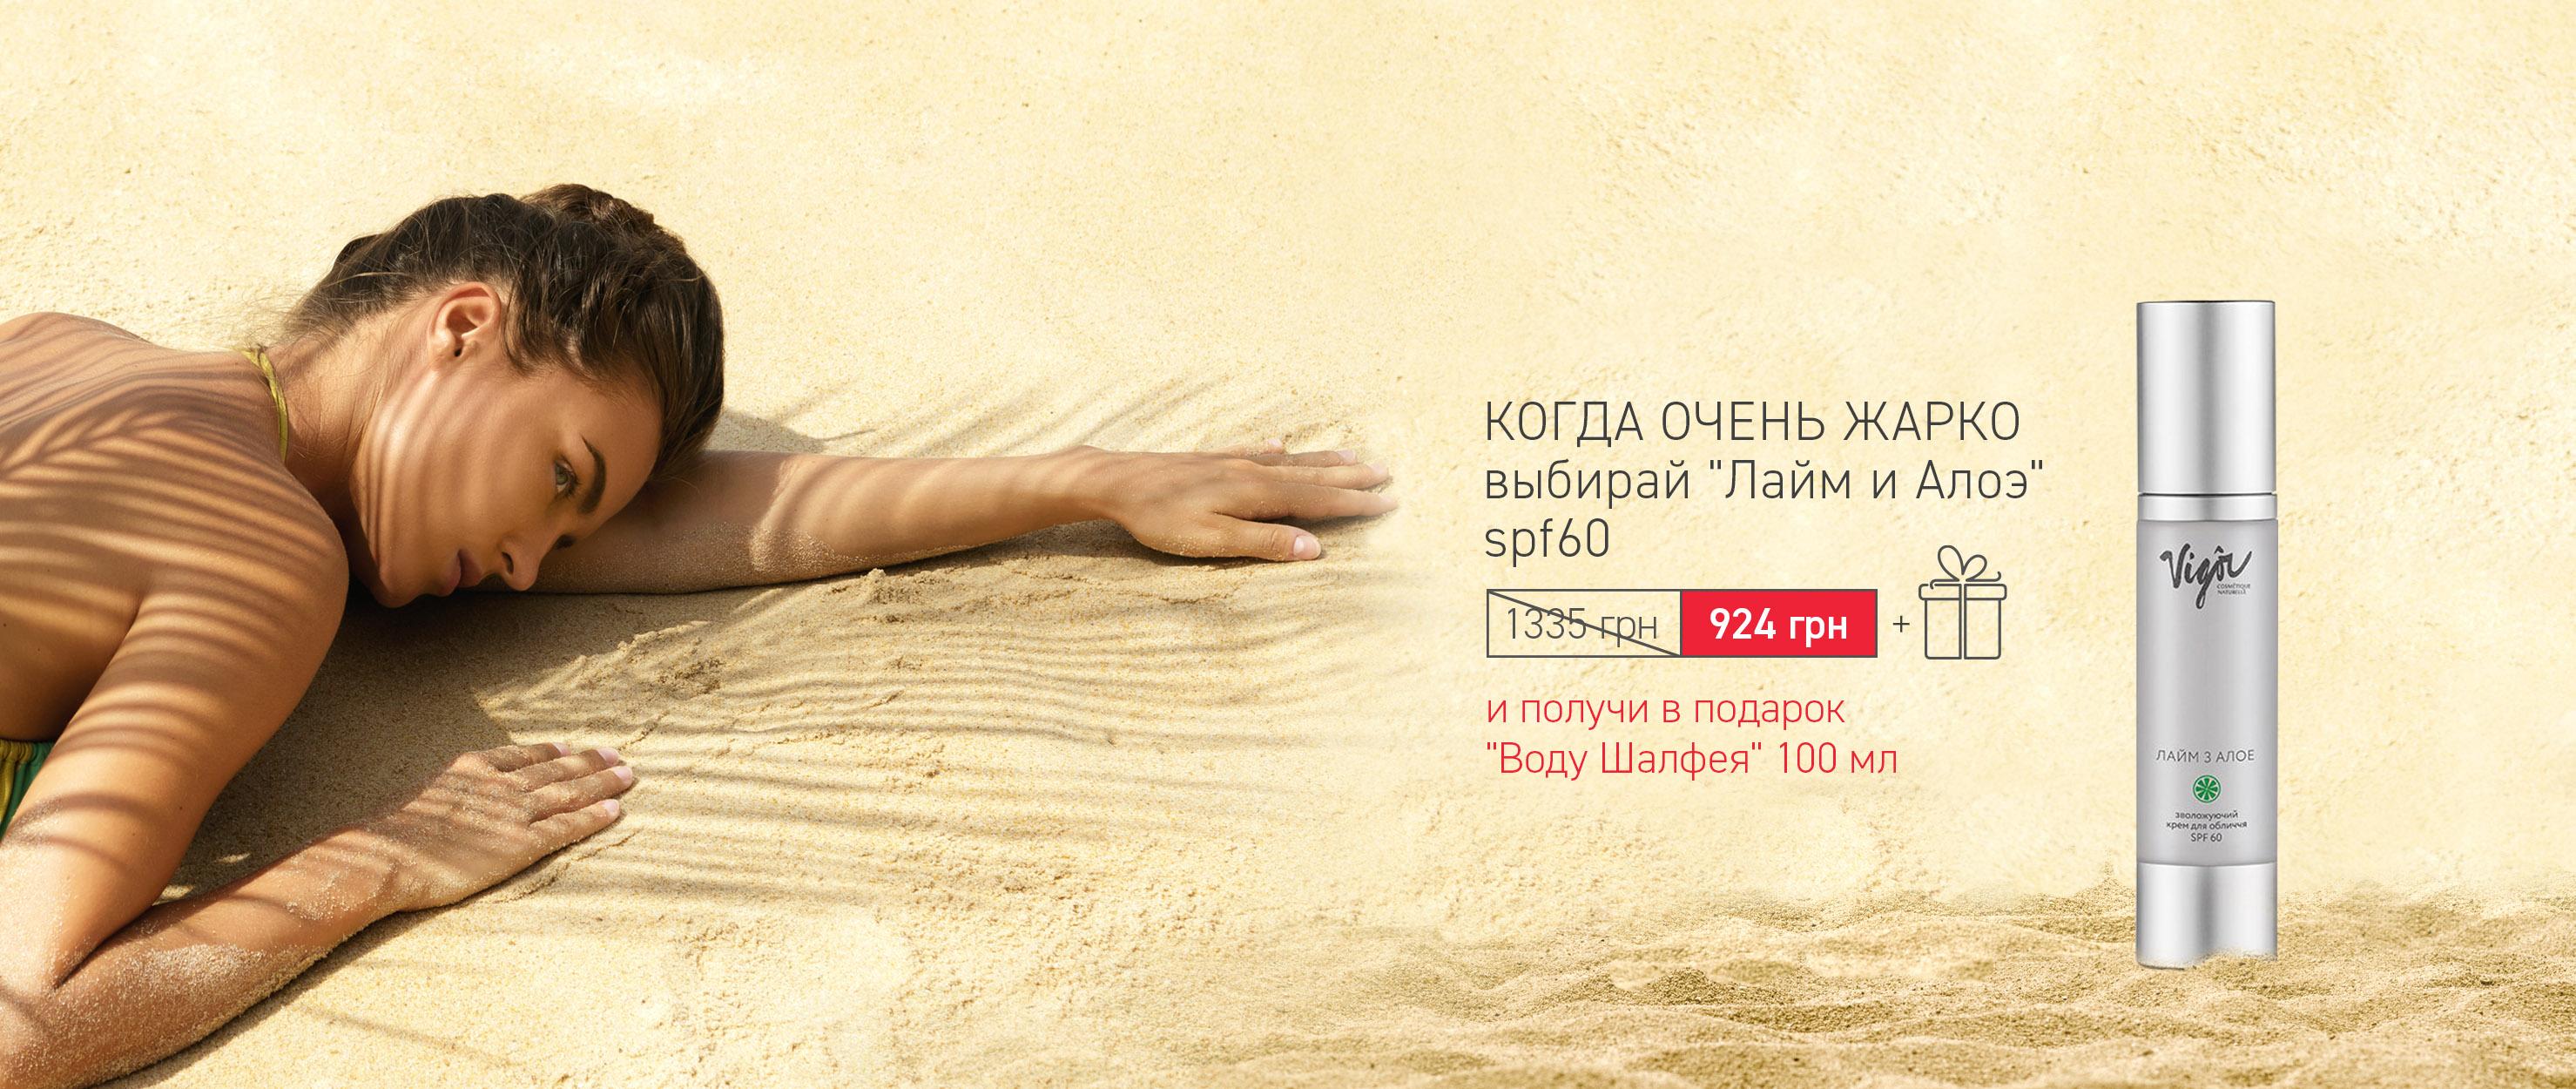 Лето комплекс 60 спф_ру